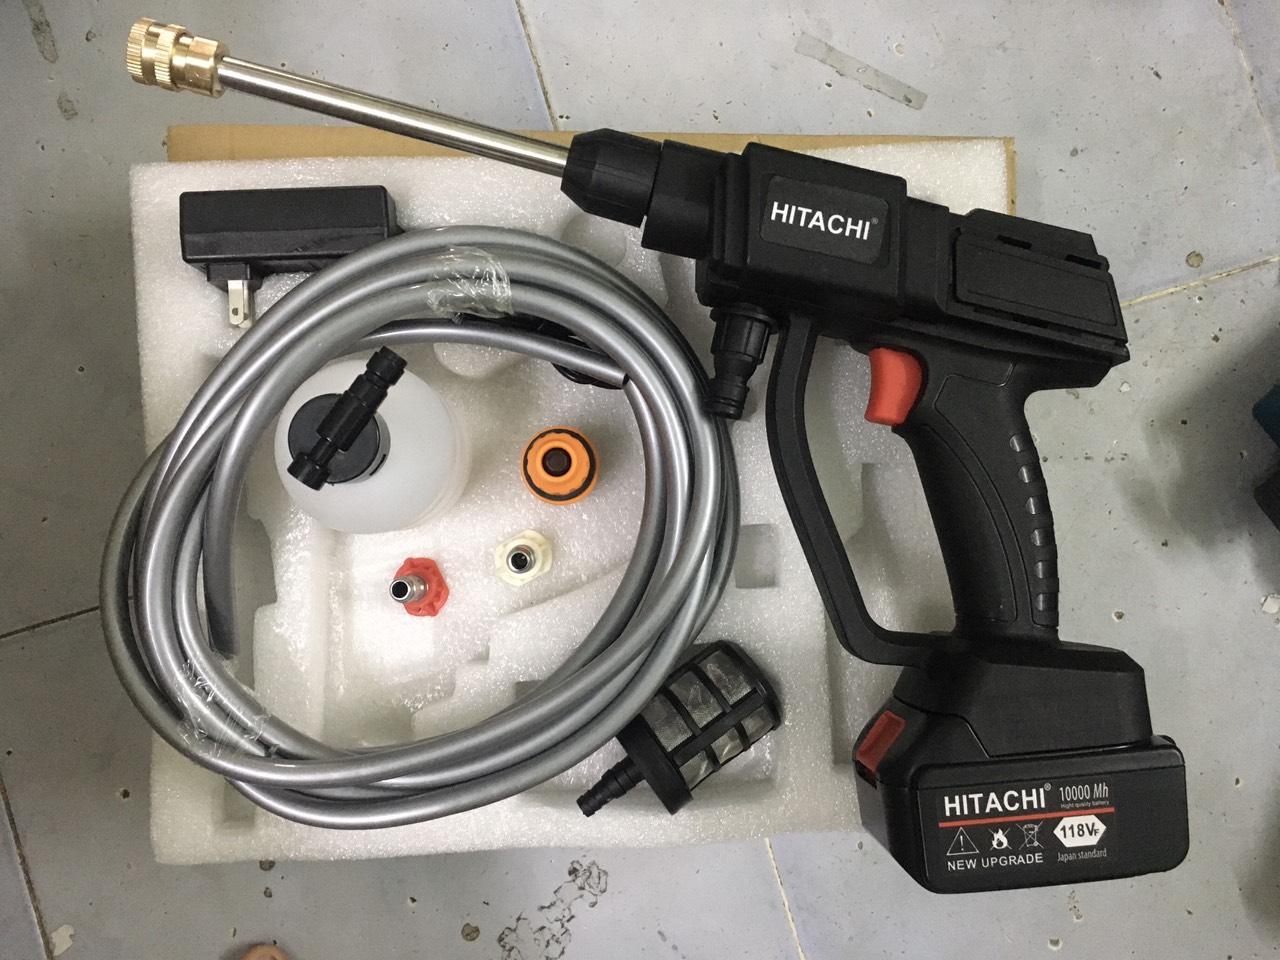 Máy rửa xe cầm tay dùng pin Hitachi 118V – Áp lực mạnh mẽ, pin sạc bền bỉ